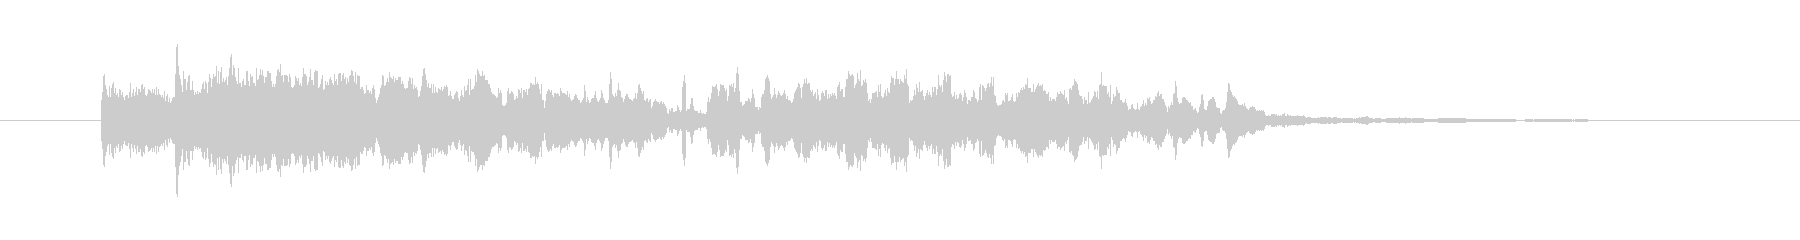 ワープ,タイムスリップの効果音,SEの未再生の波形